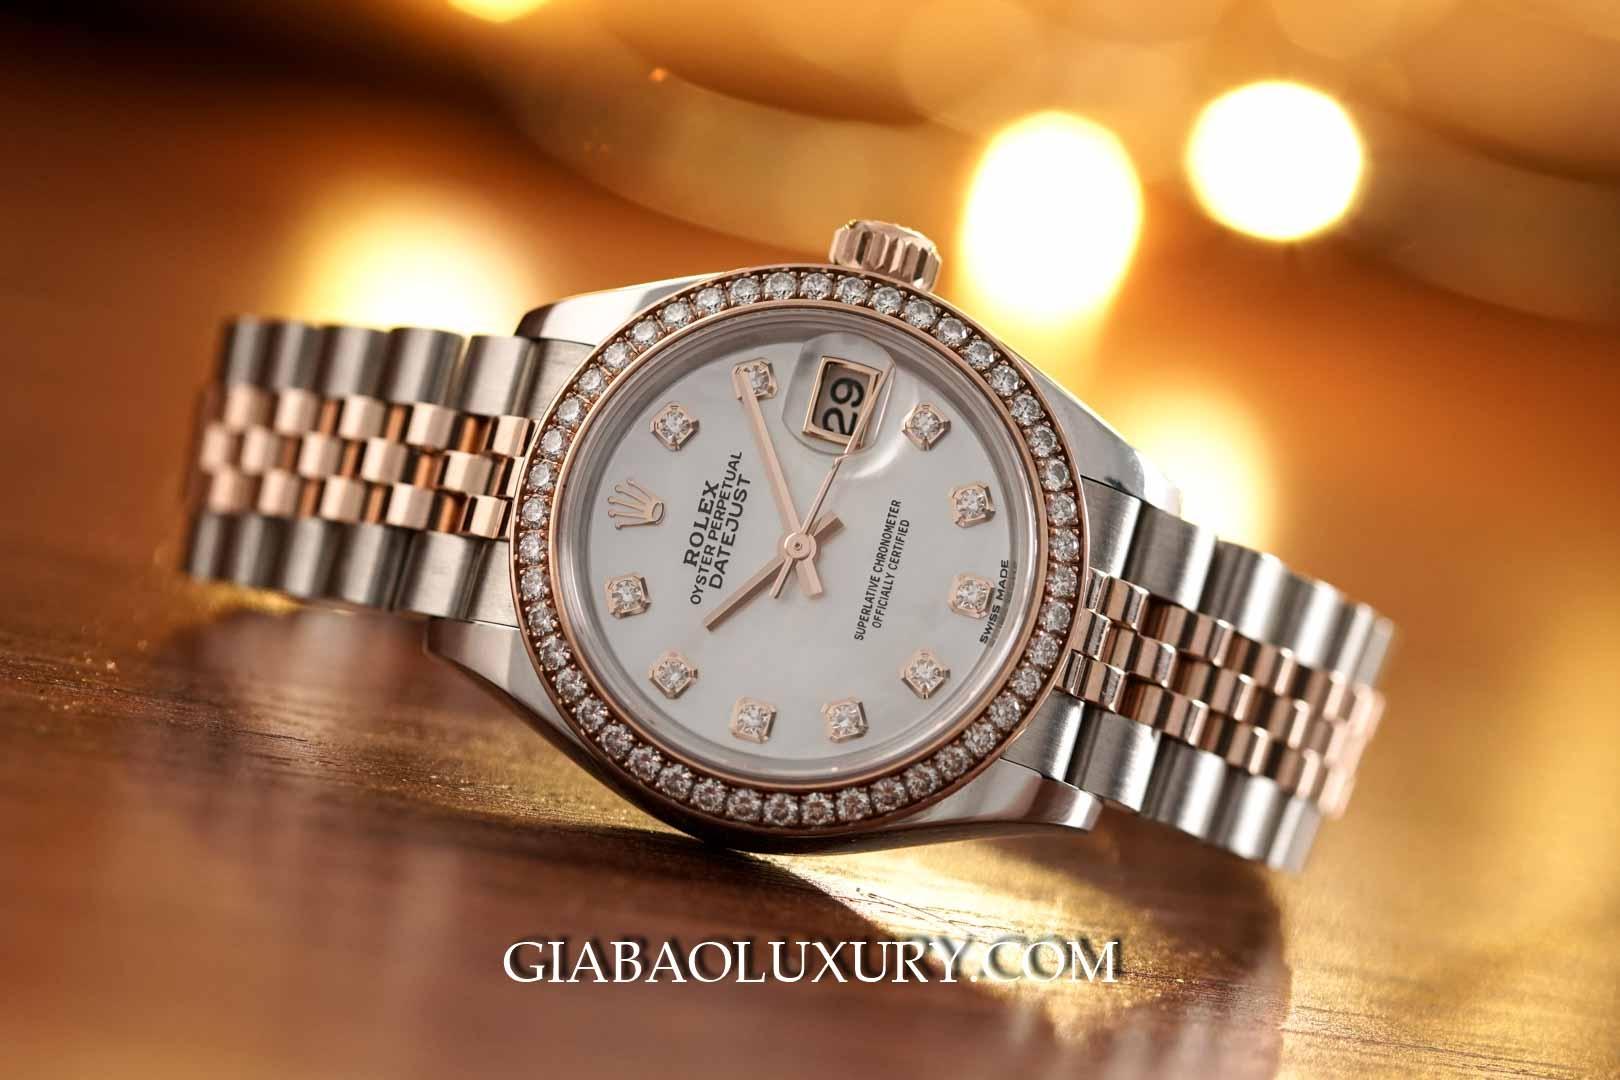 279381 - Rolex Lady Datejust với vành bezel và mặt số nạm kim cương